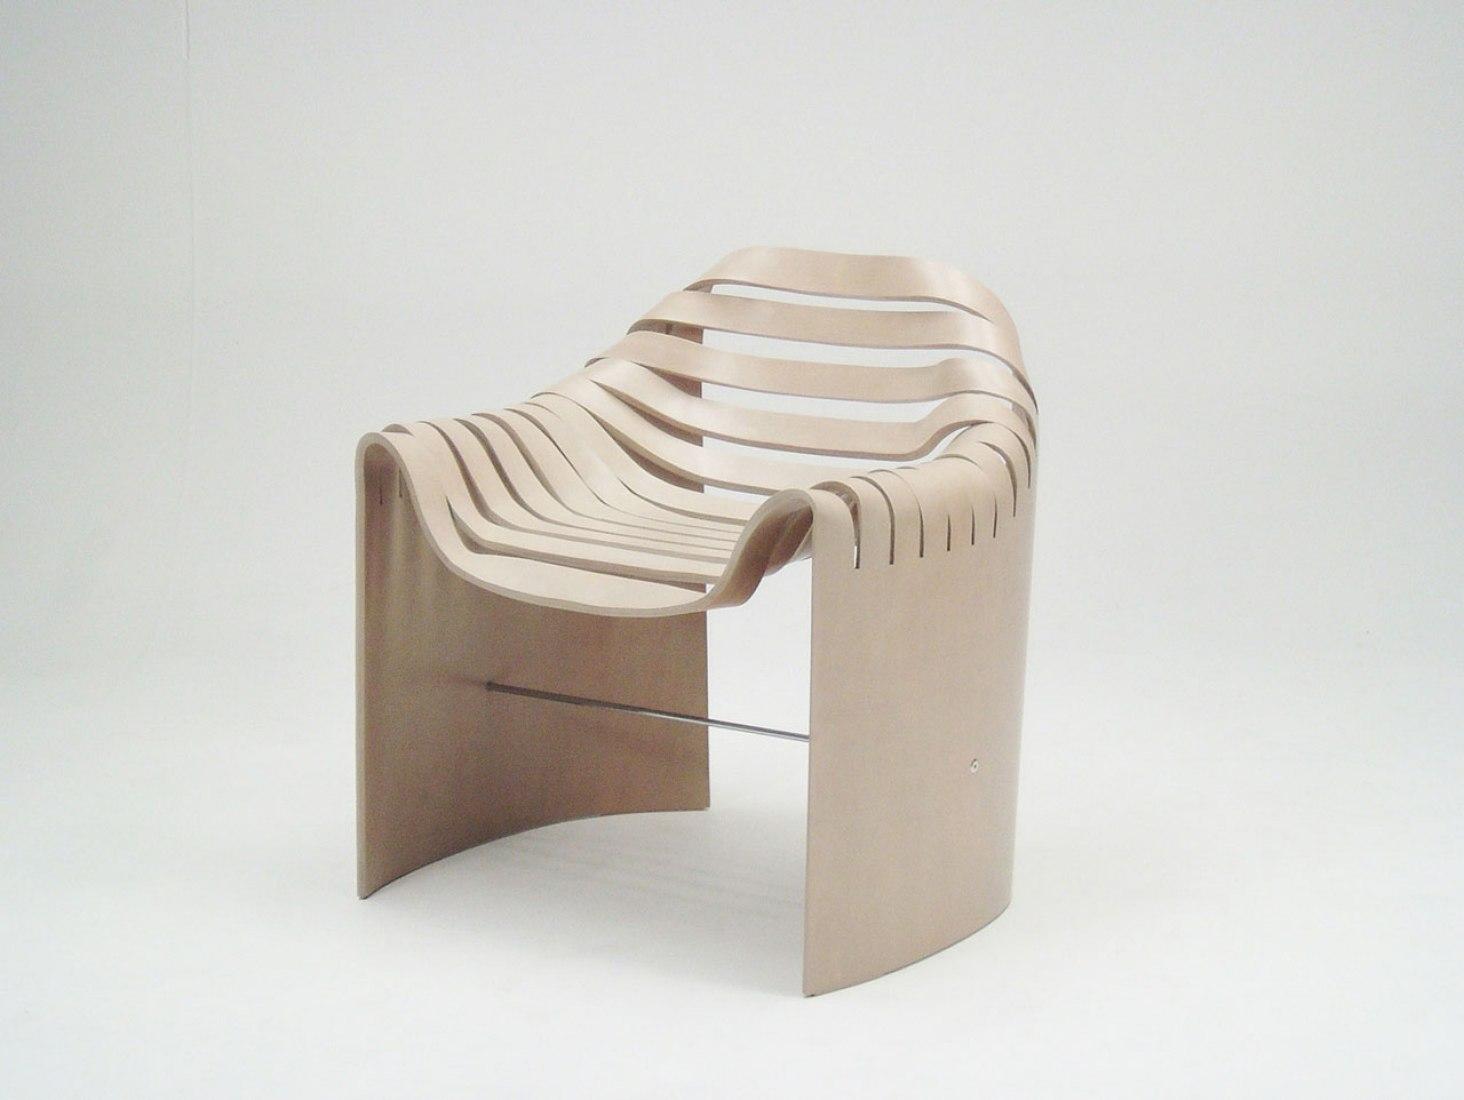 Una silla en un pliegue por Naruse Inokuma Architects